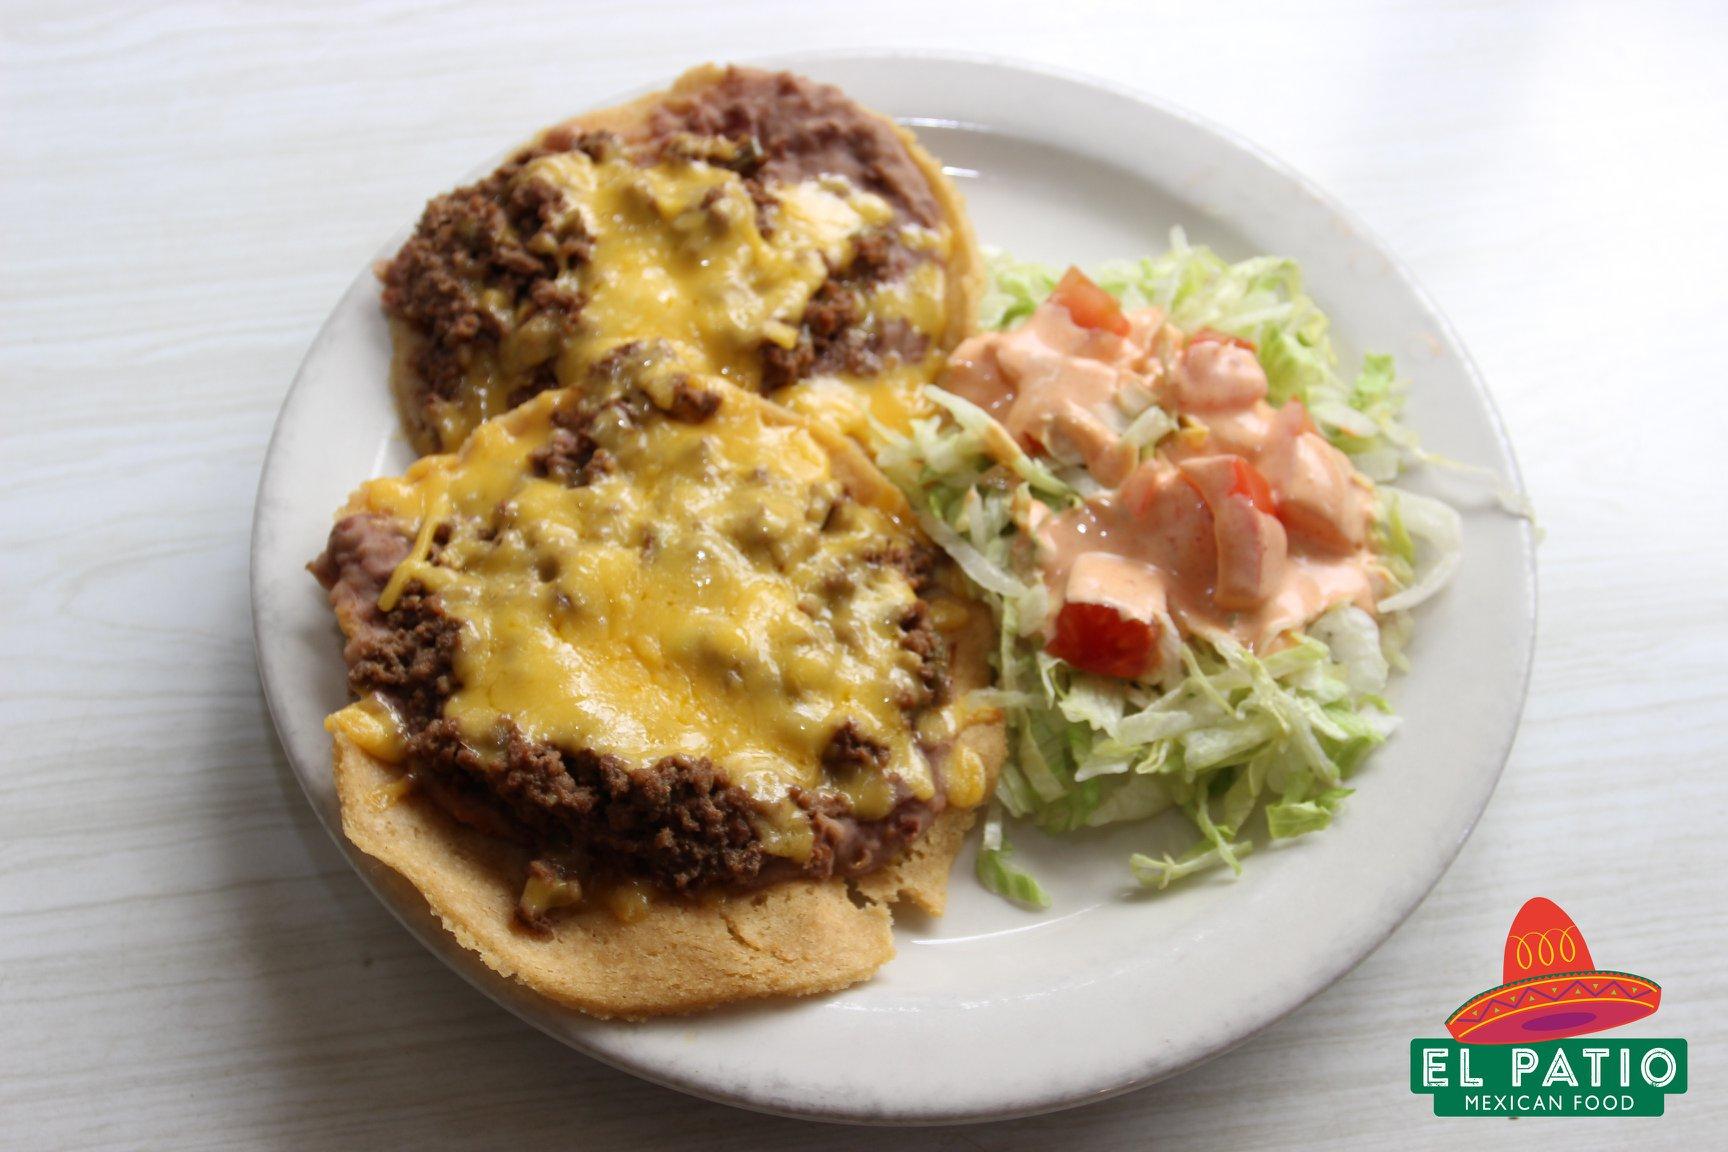 A dish from El Patio